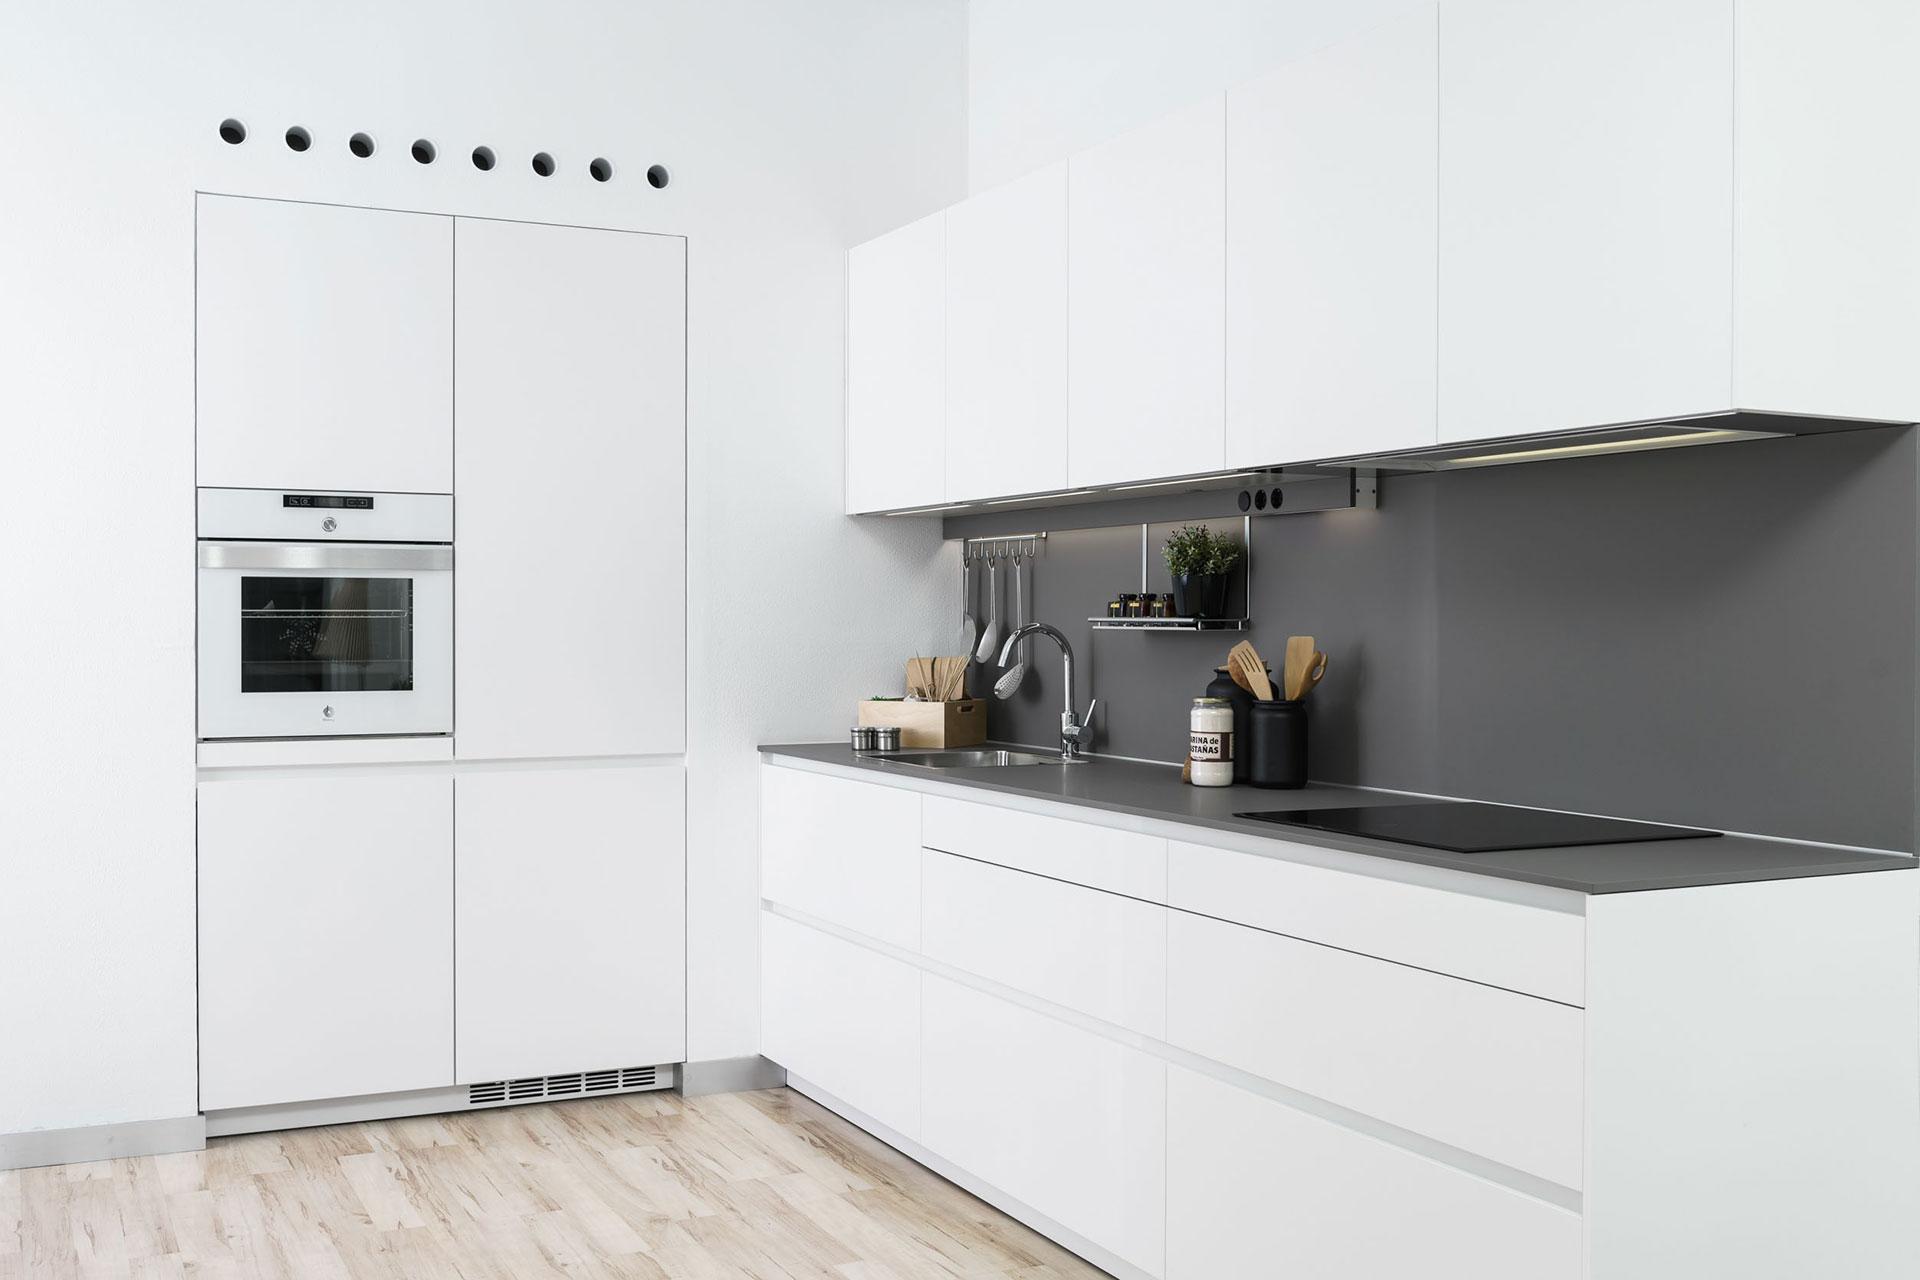 Nueva exposici n de cocinas santos en santiago interiores for Exposicion de muebles de cocina